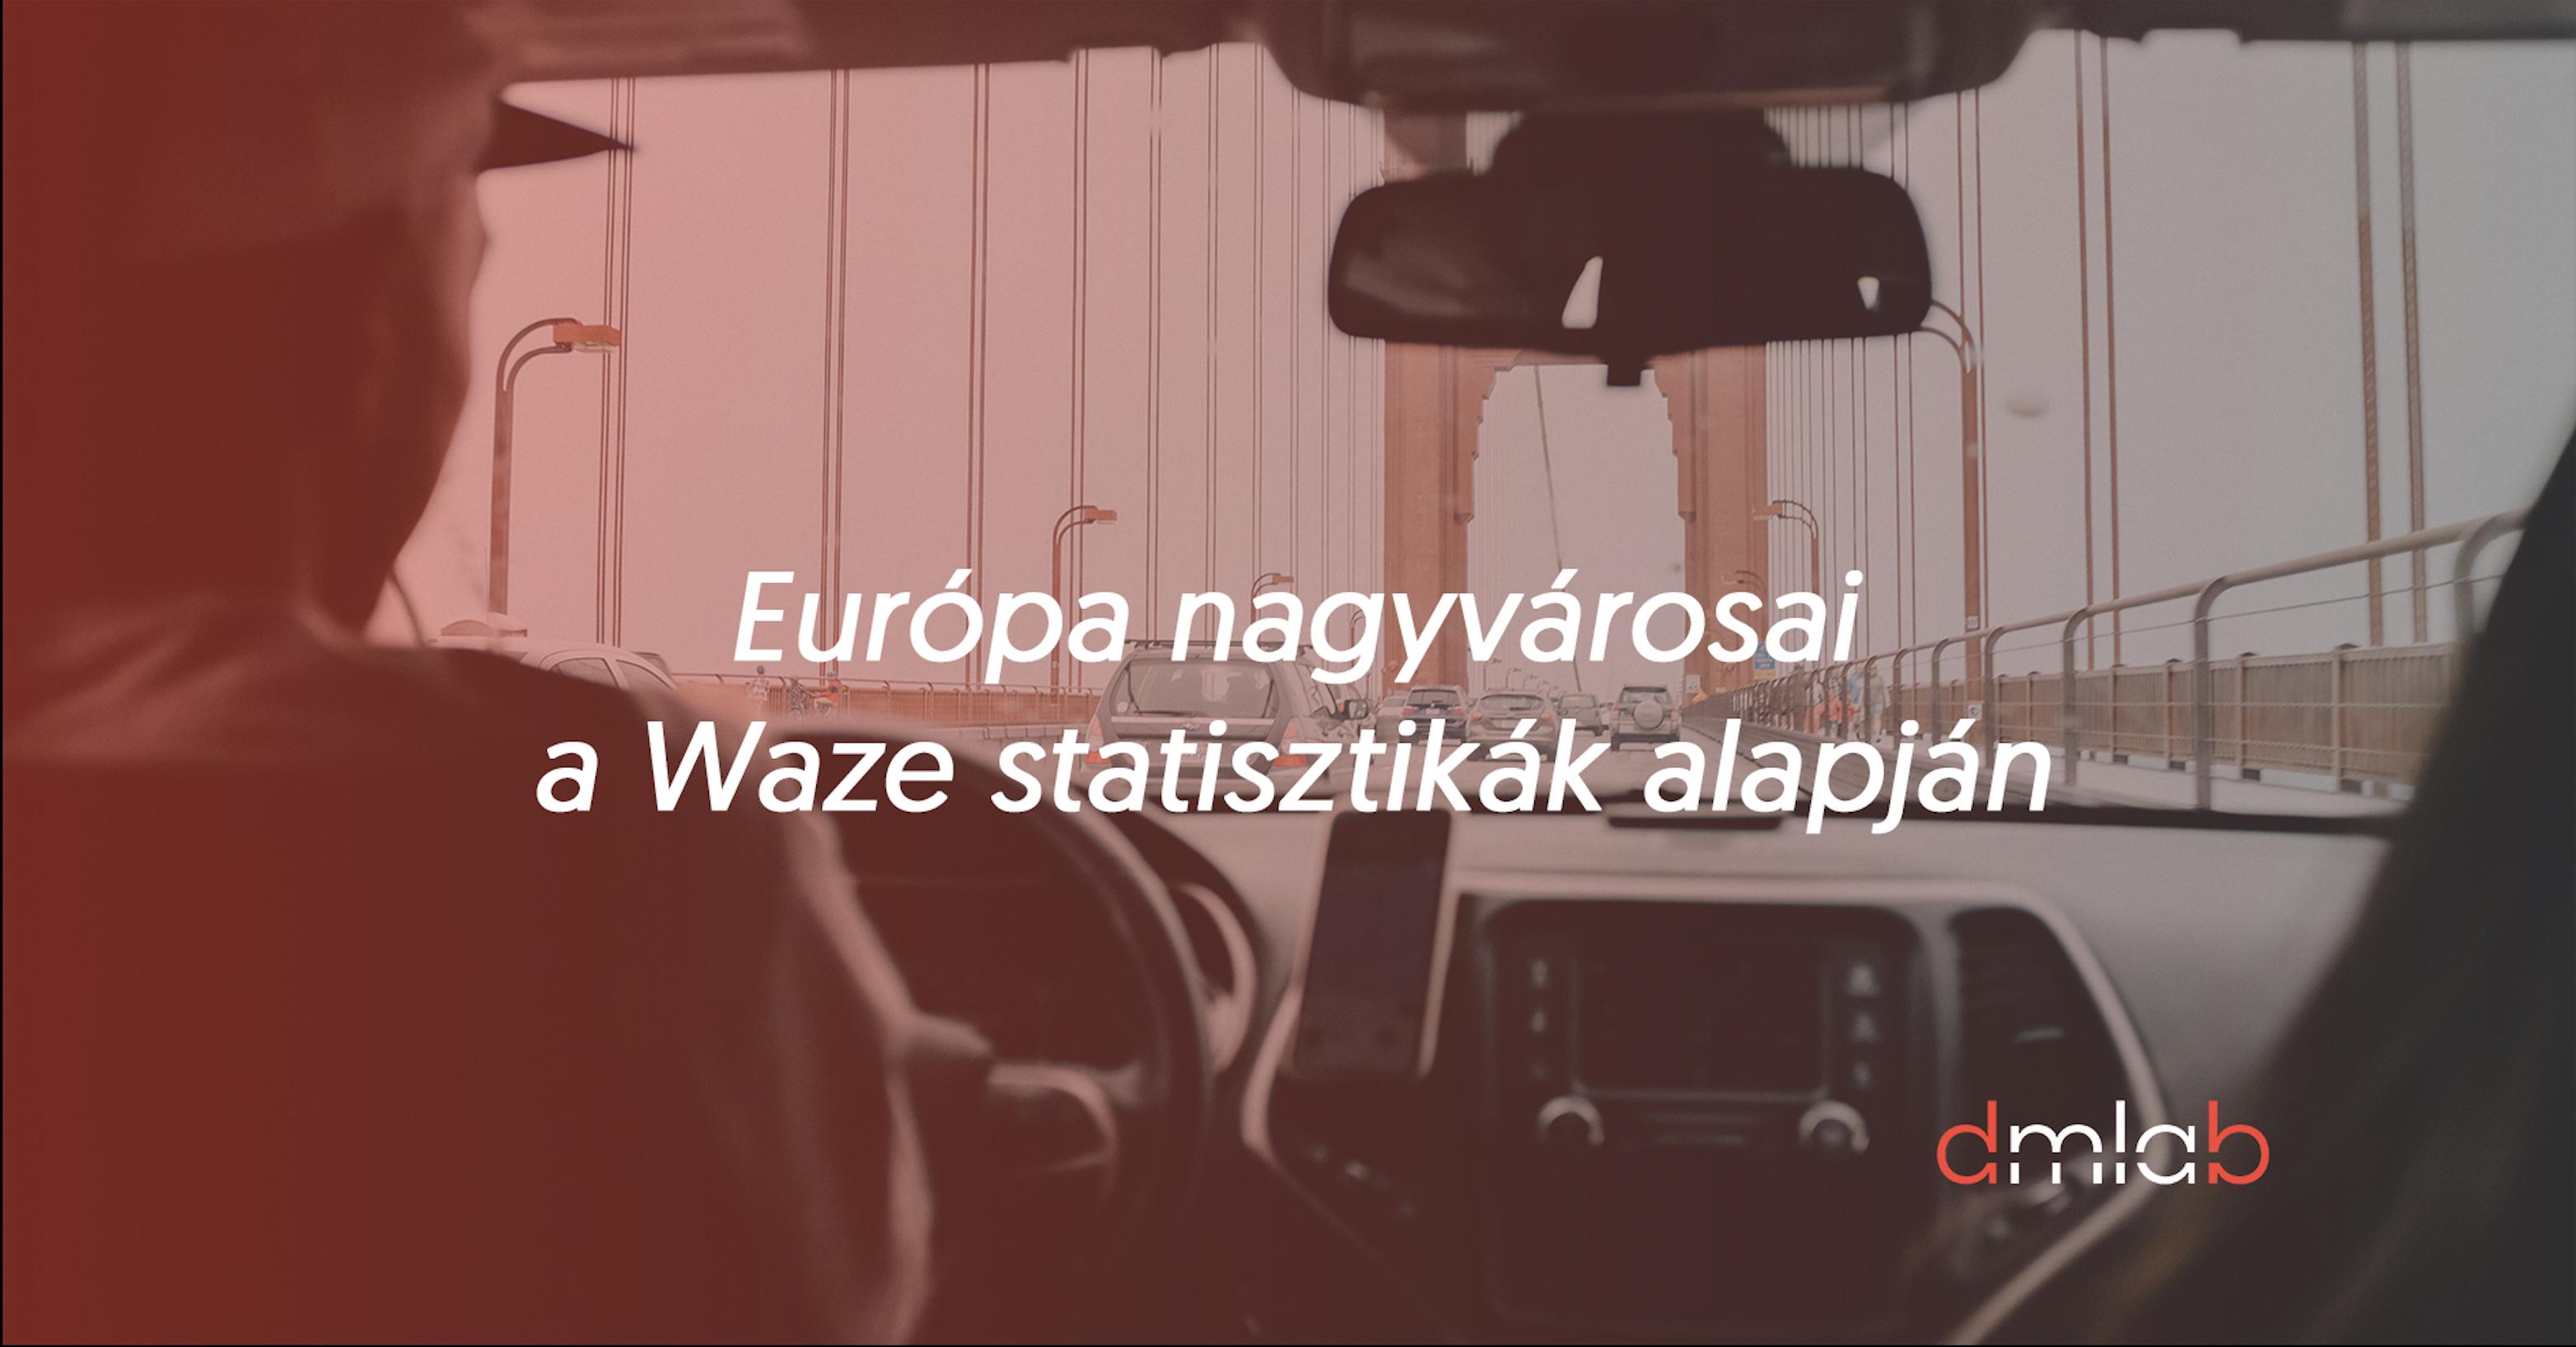 2_euro_pa_nagyva_rosai_a_waze_statisztika_k_alapja_n.png